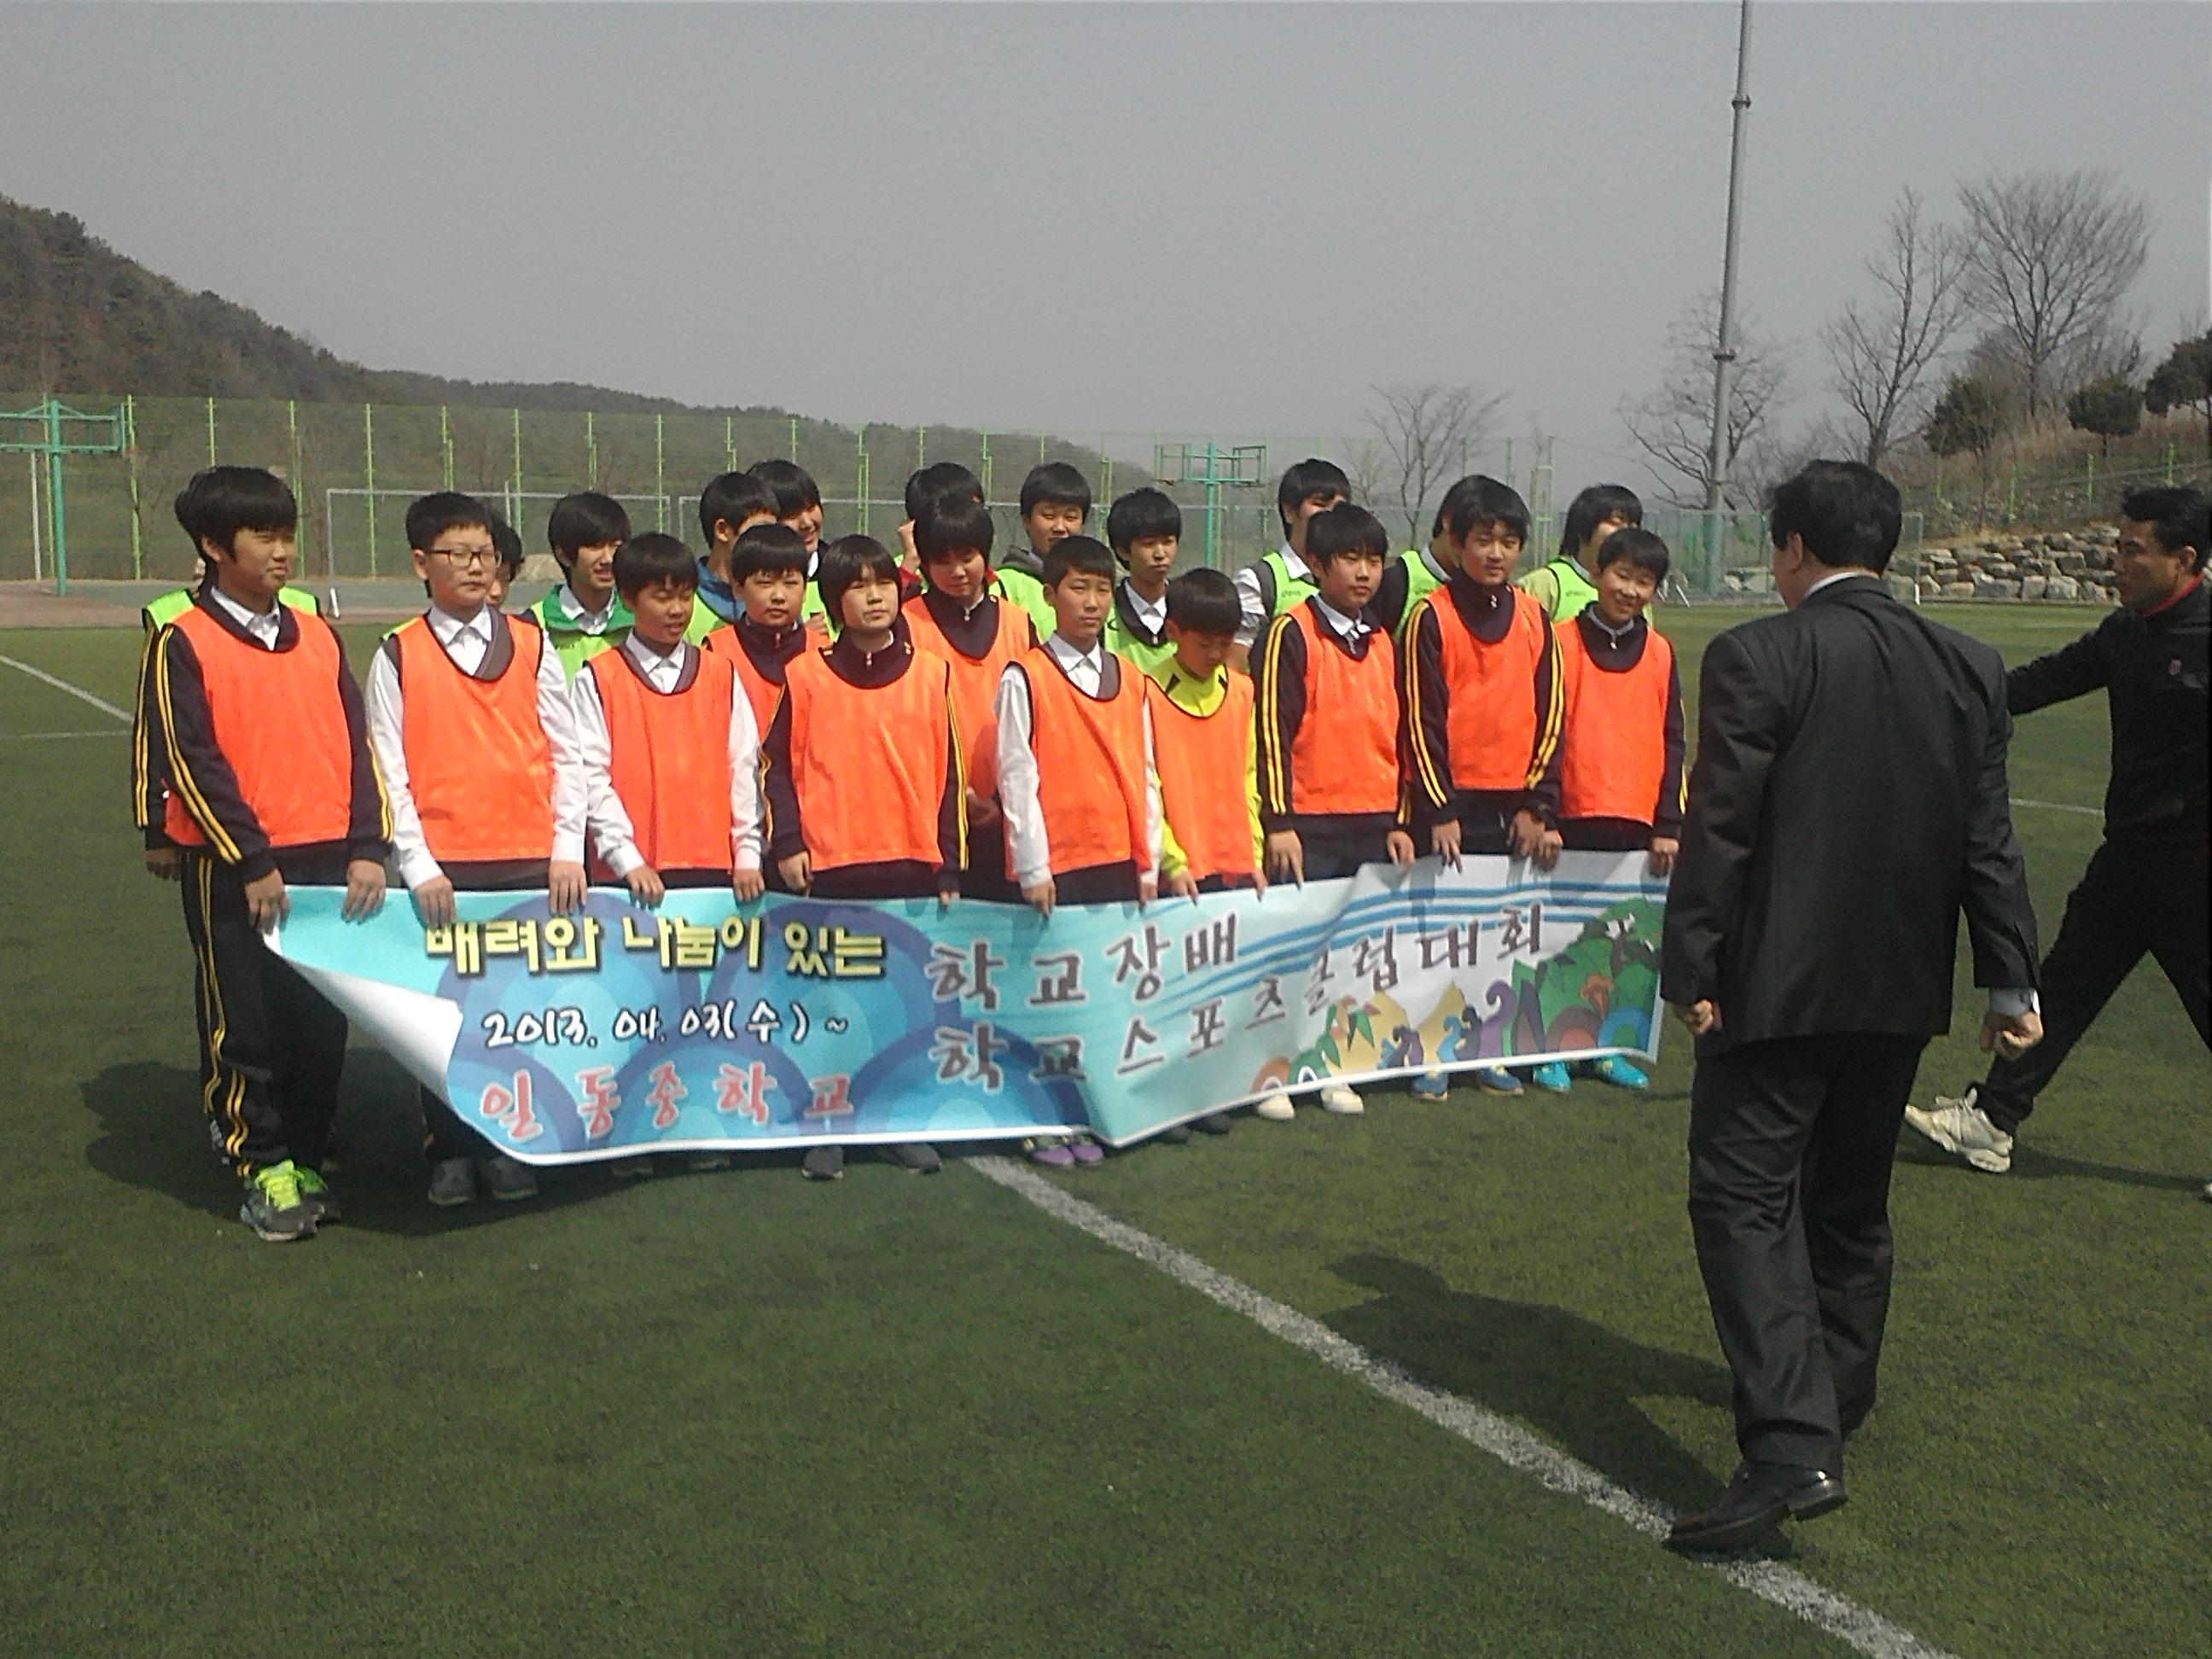 [일반] 배려와 나눔이 있는 2013학교장배 학교스포츠클럽대회의 첨부이미지 4